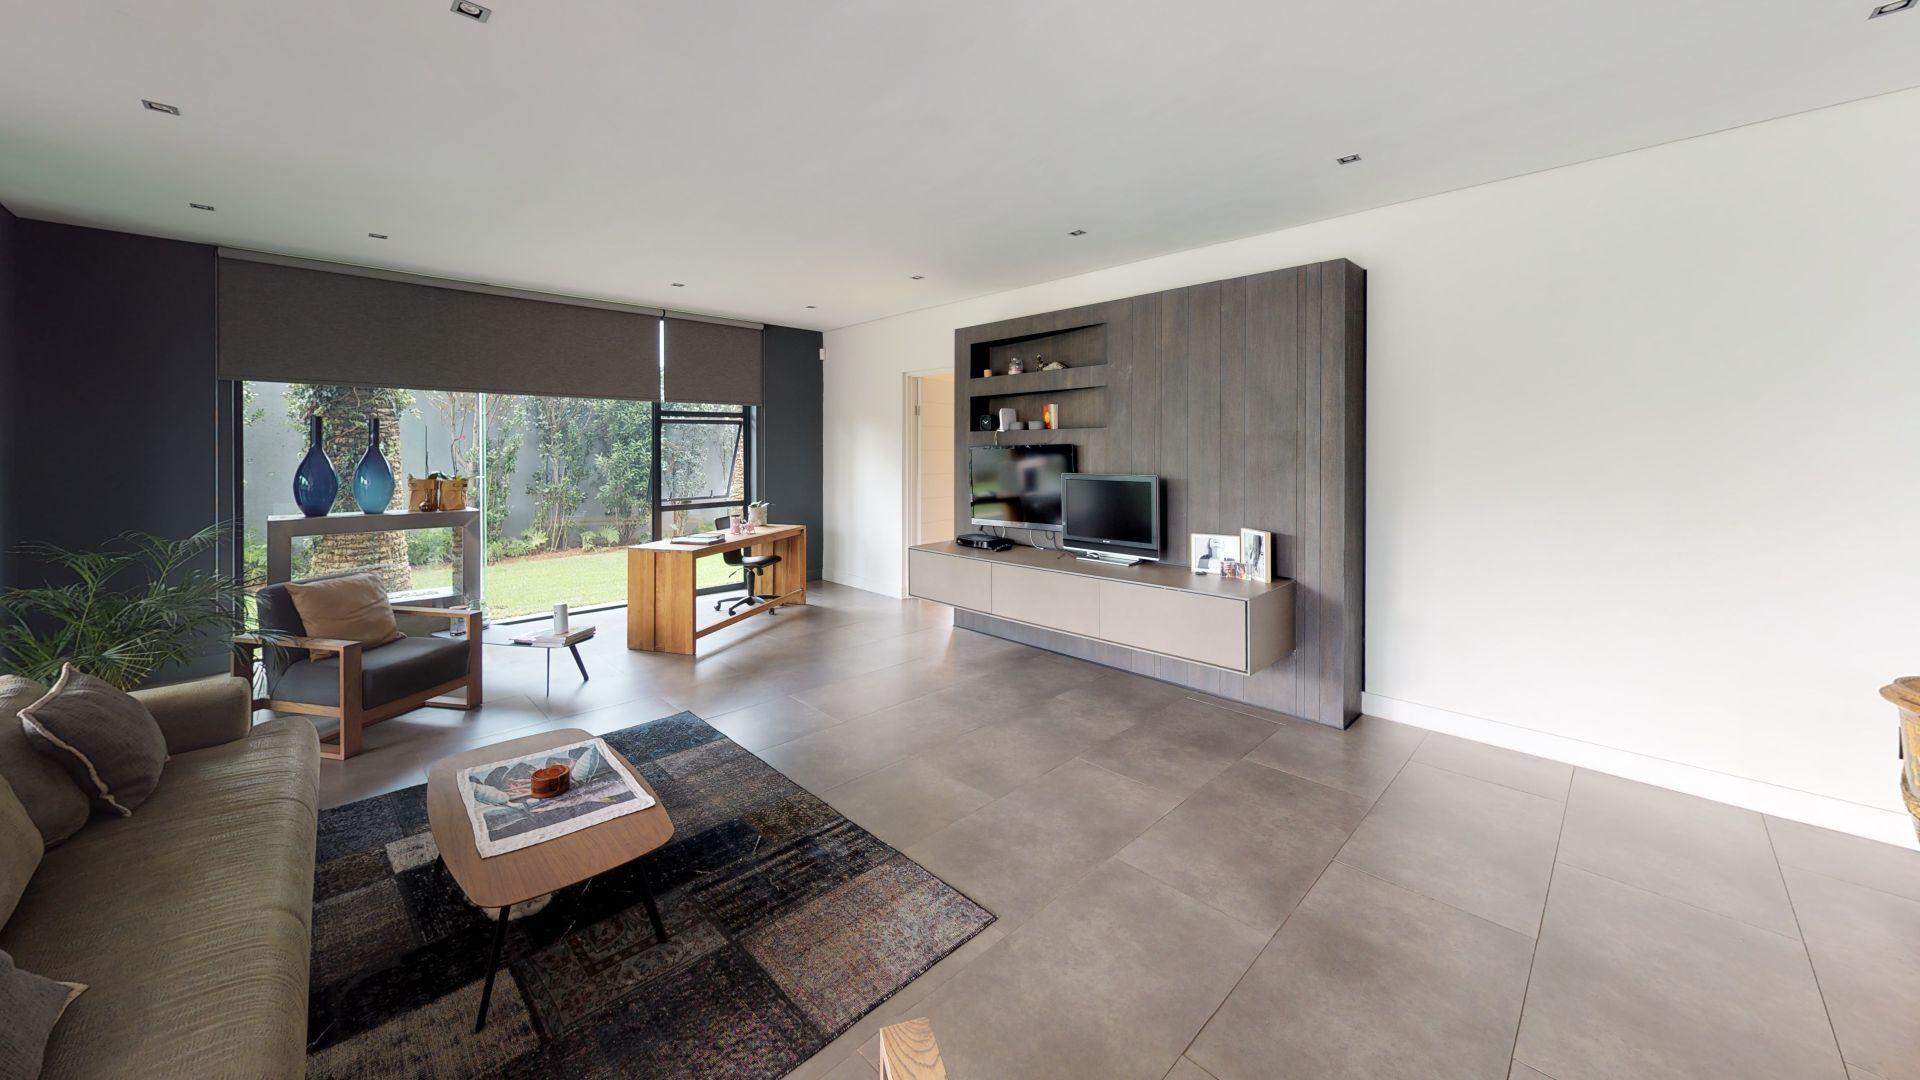 28-Cleveland-Road-Living-Room.jpg